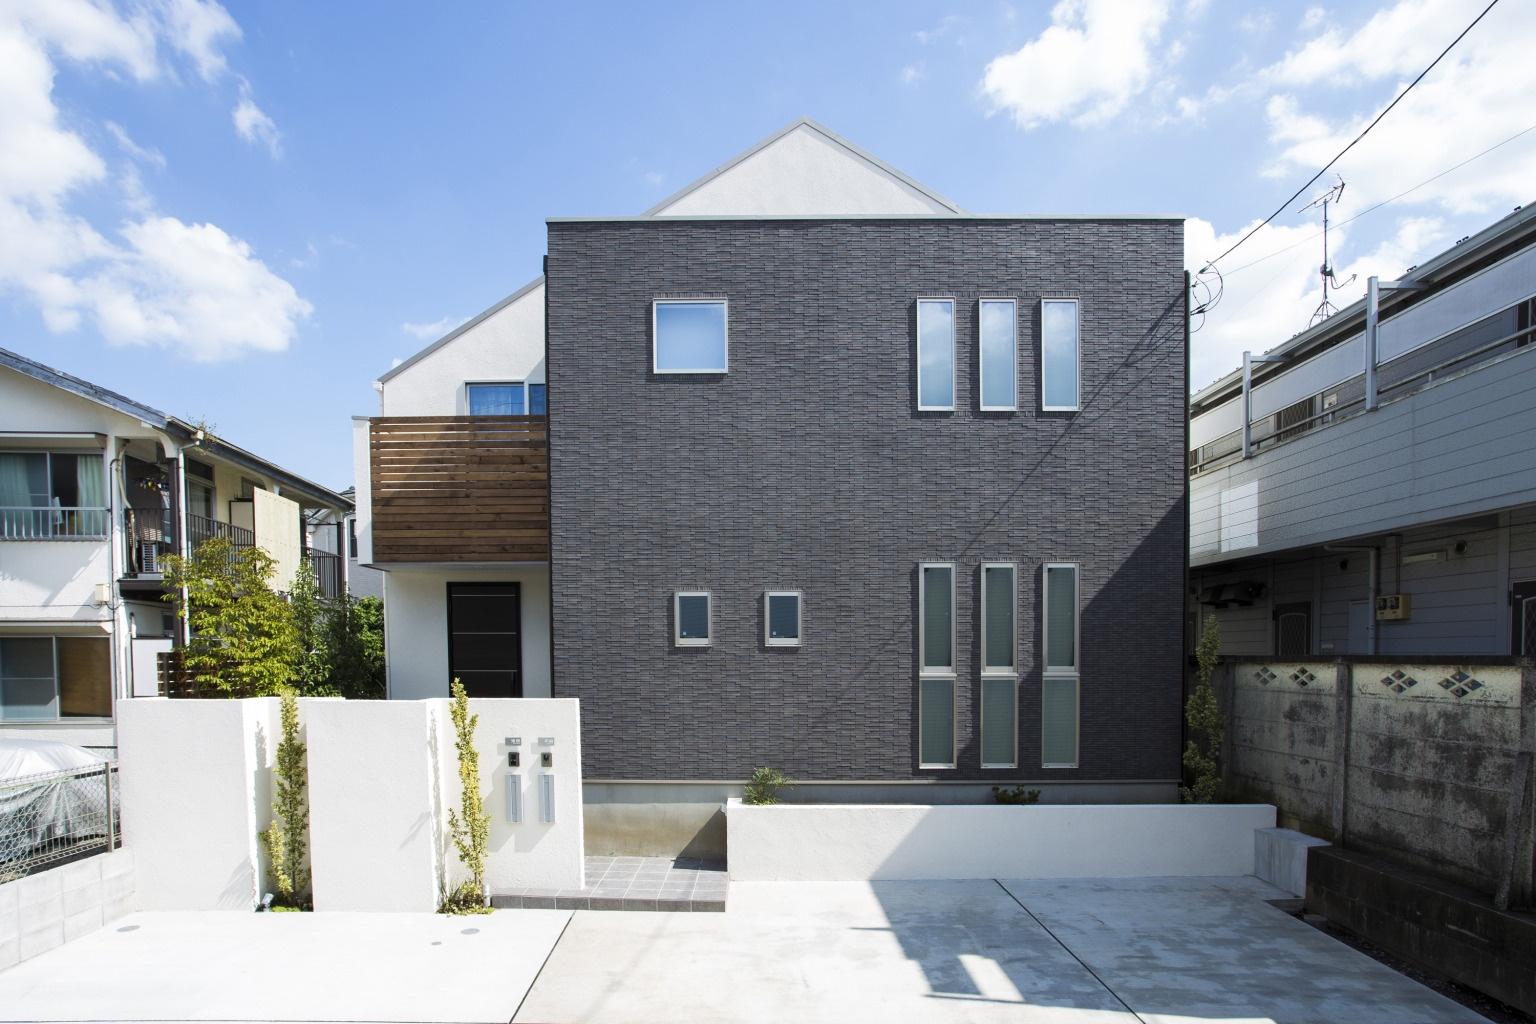 こだわりの外構 庭は 家を素敵に演出する お手本にしたい7つの実例 重量木骨の家